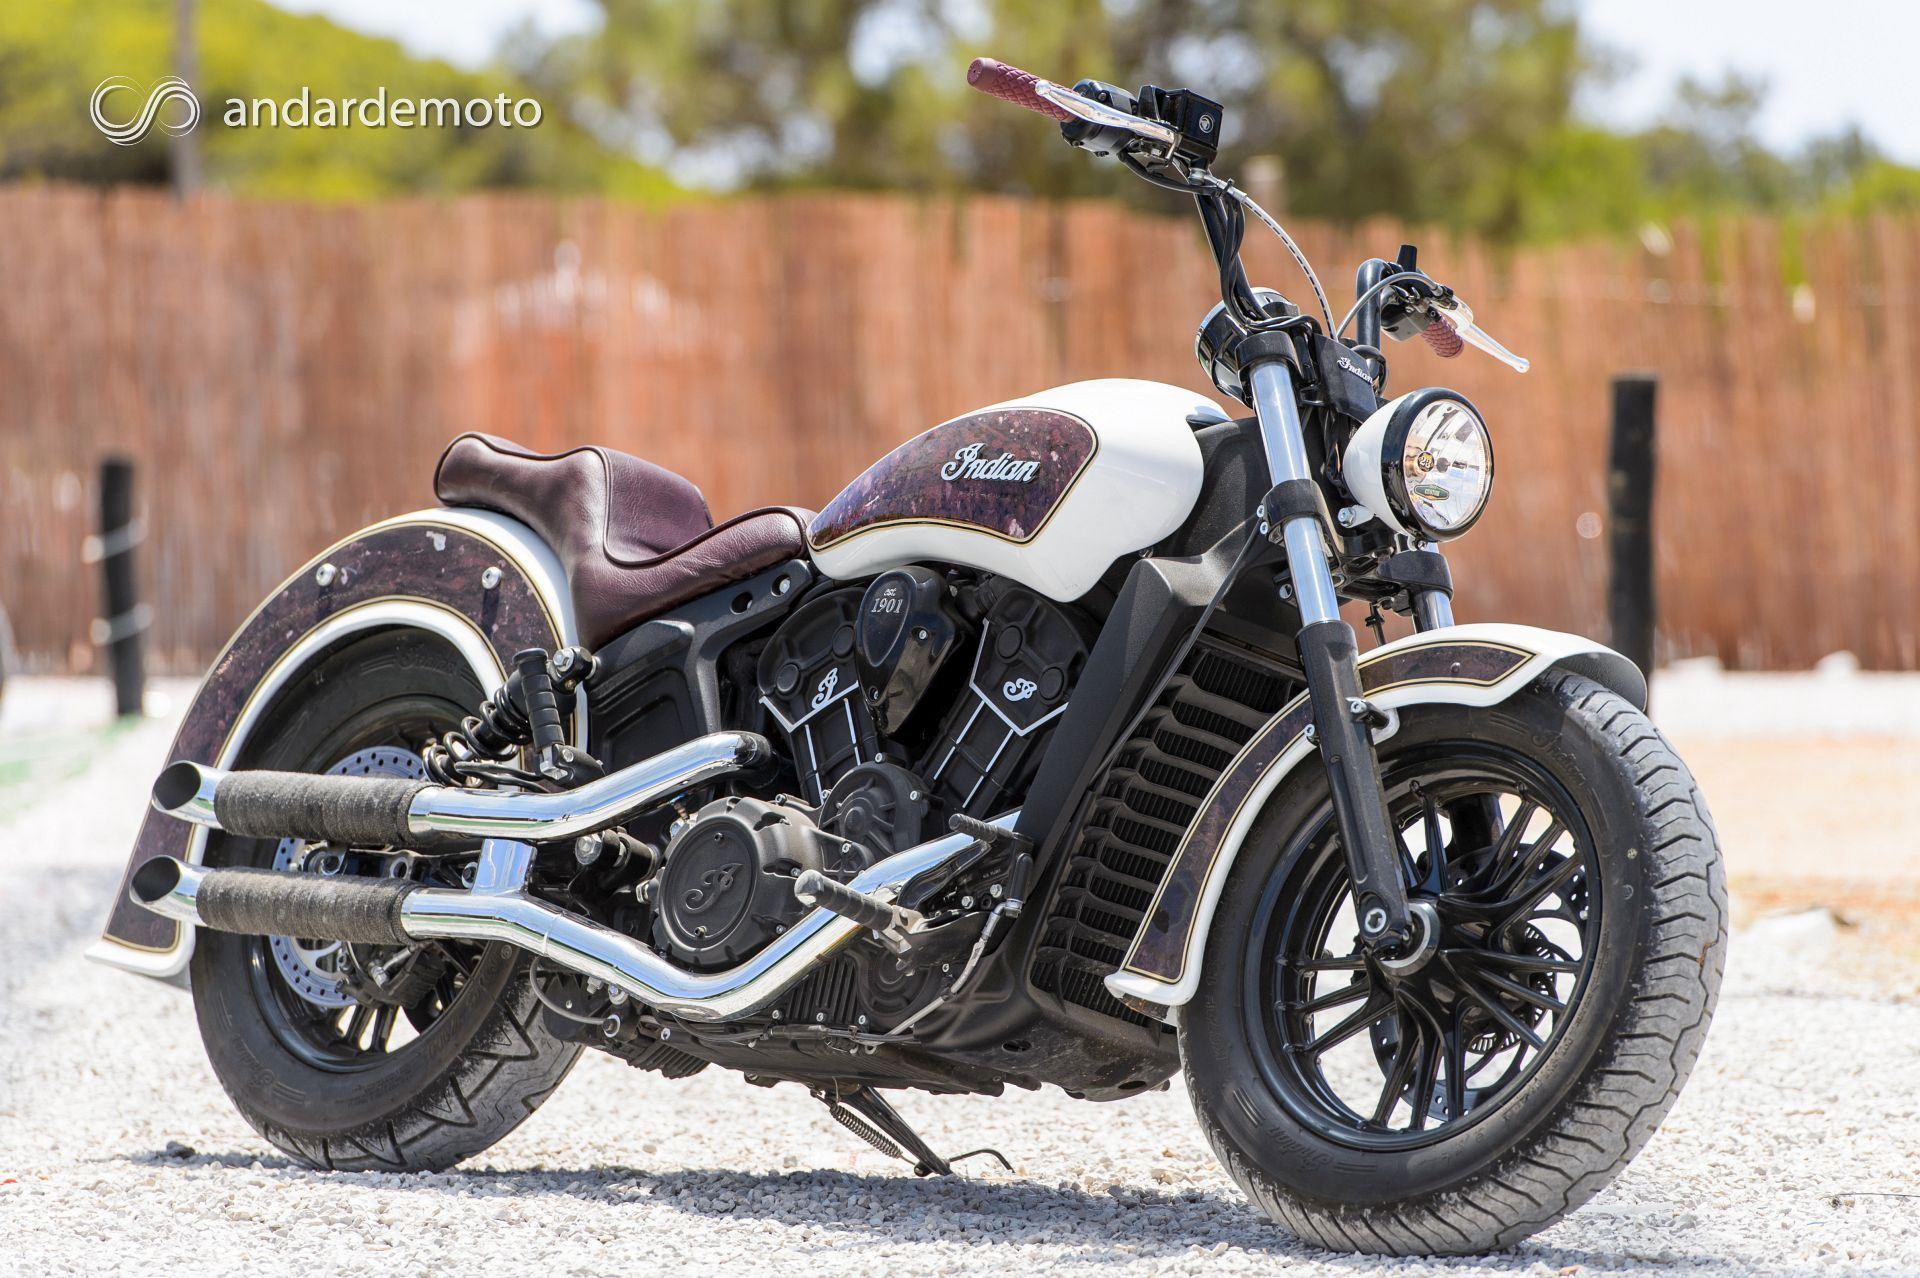 uma indian scout sixty a andar de moto epis dio 3 a transforma o motonews andar de moto. Black Bedroom Furniture Sets. Home Design Ideas